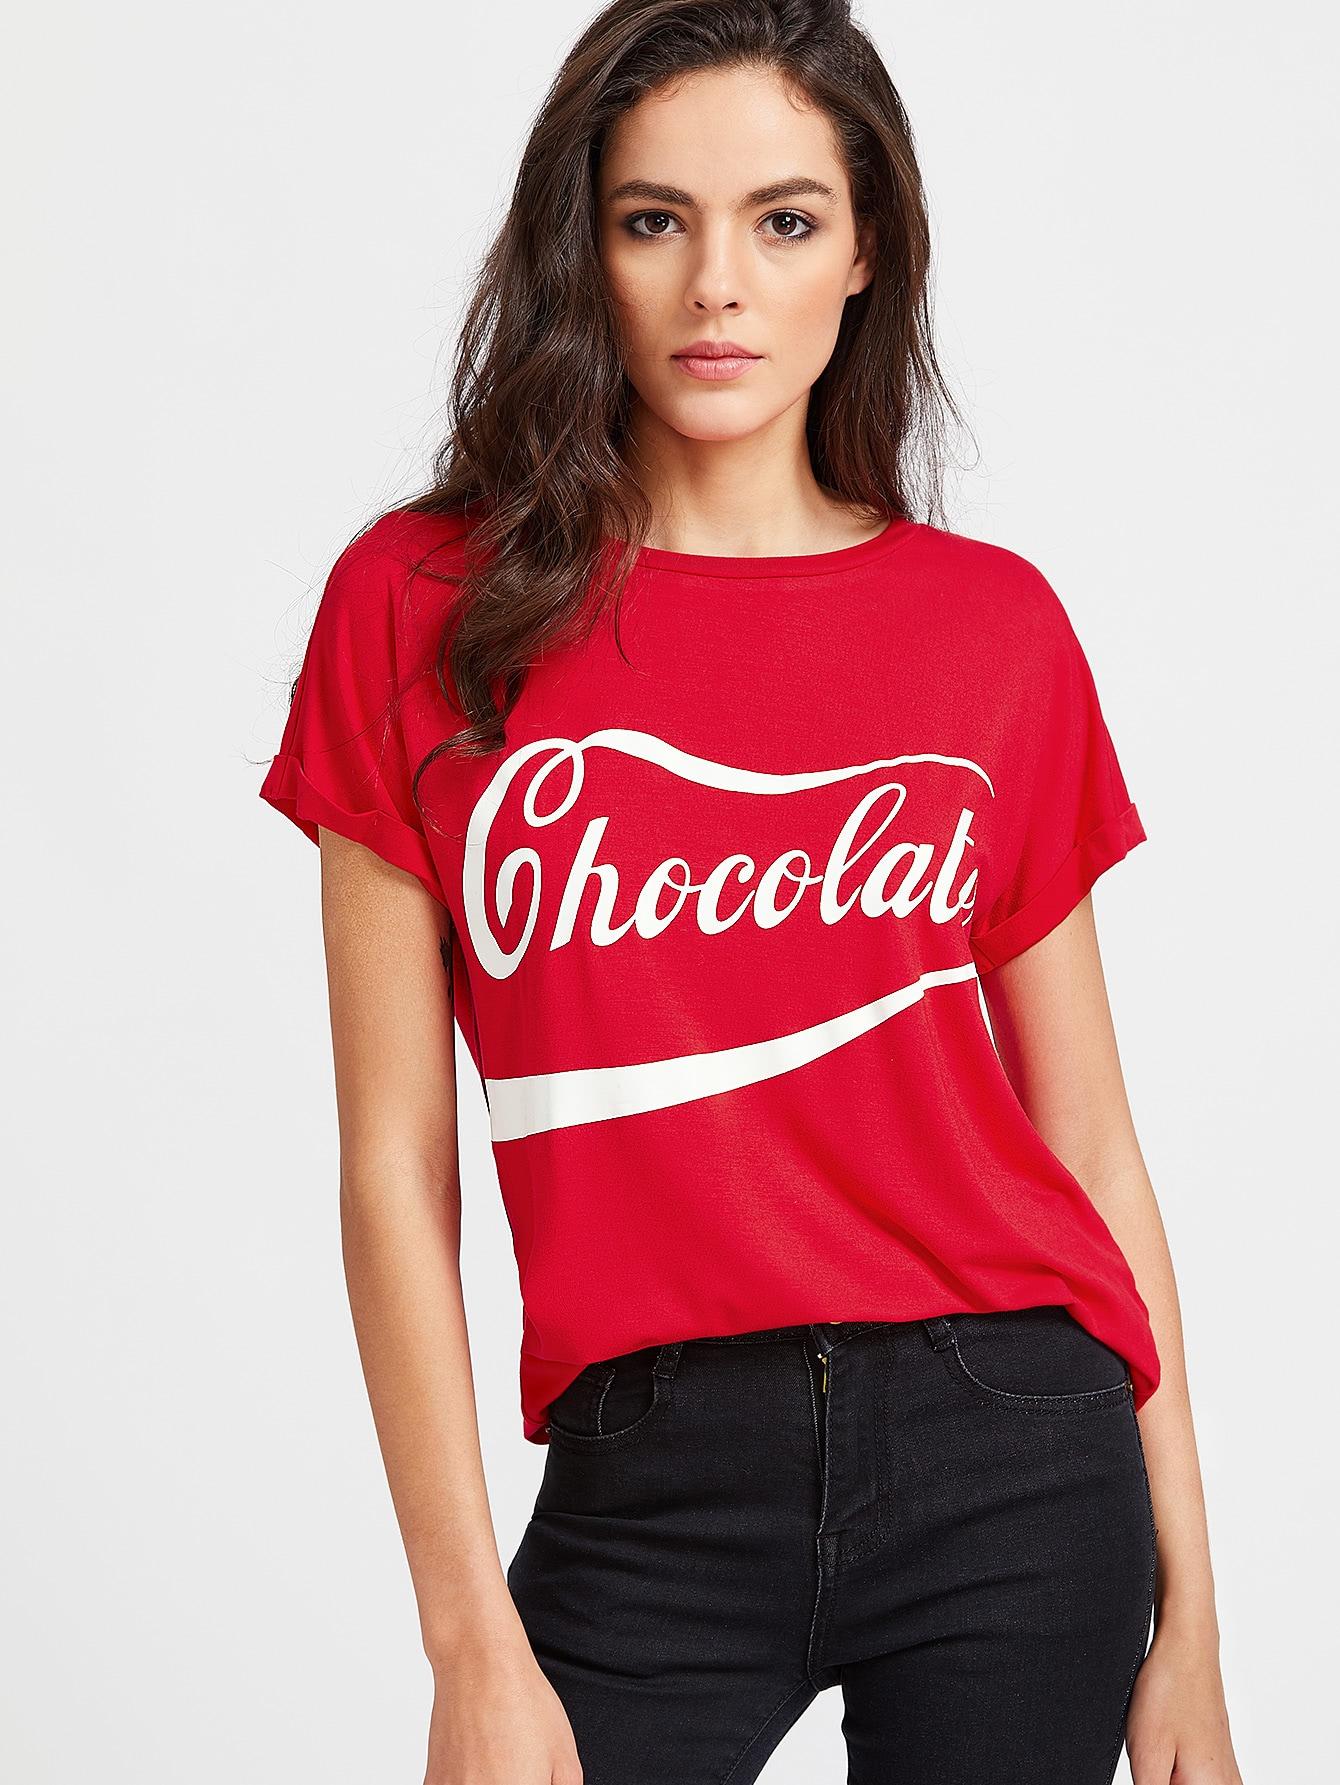 Купить Красная модная футболка с текстовым принтом, Carolina, SheIn